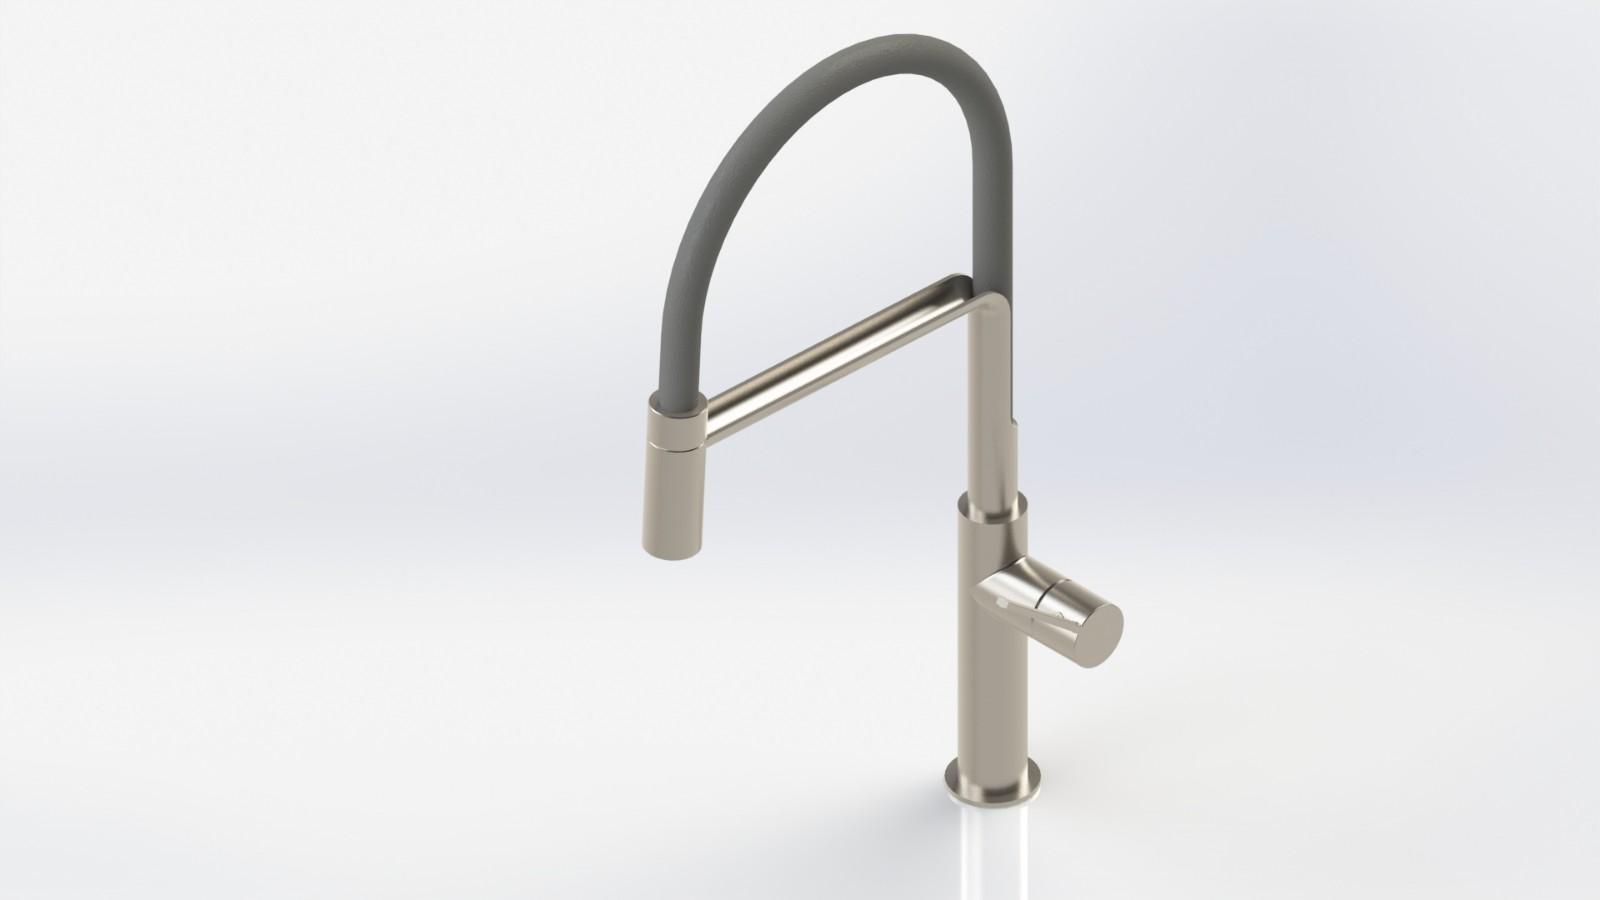 SolidWorks模型免费下载:厨房水龙头